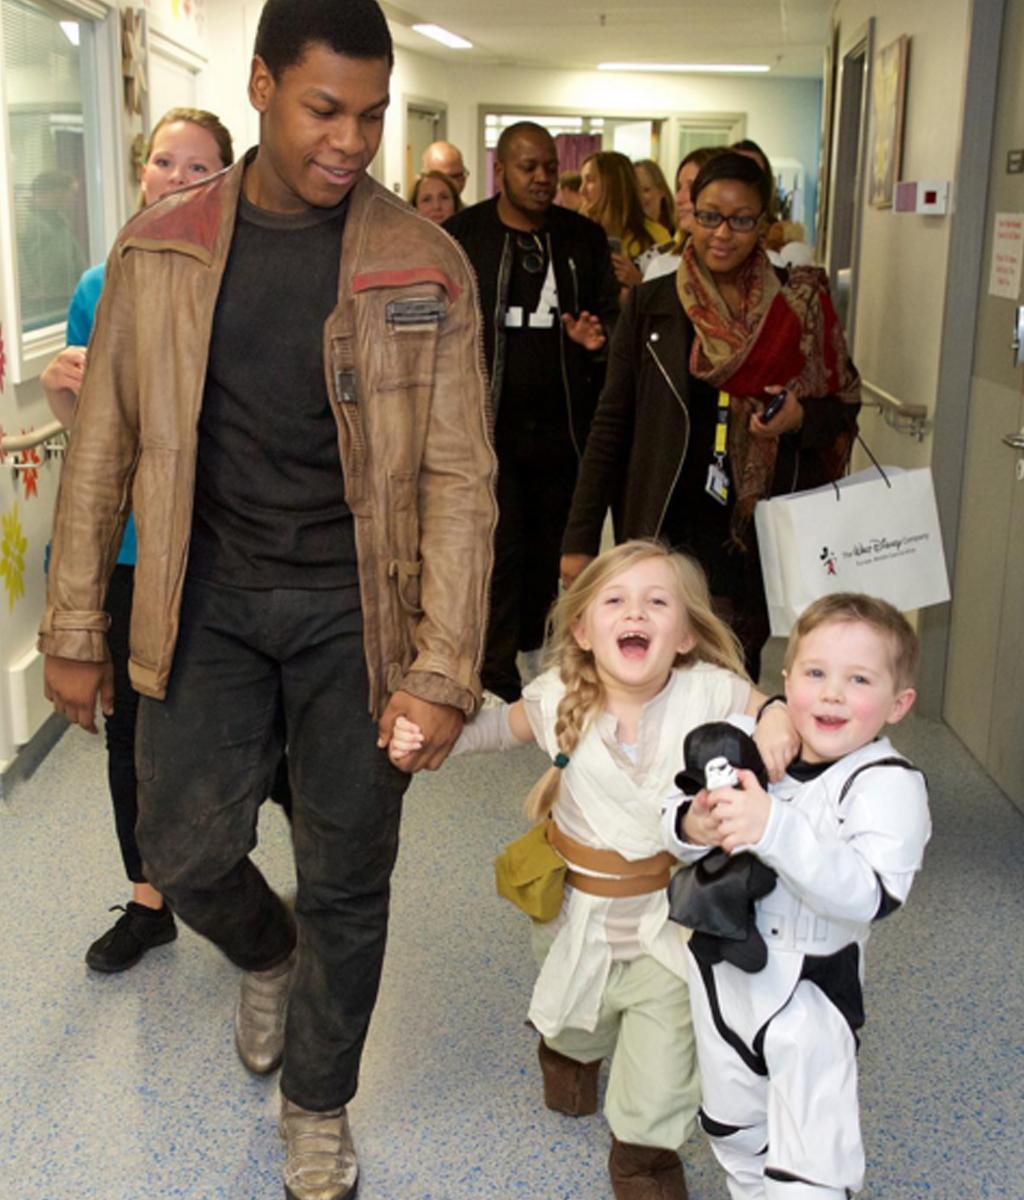 John Boyega visited children at a London hospital. (Instagram / @john_boyega)